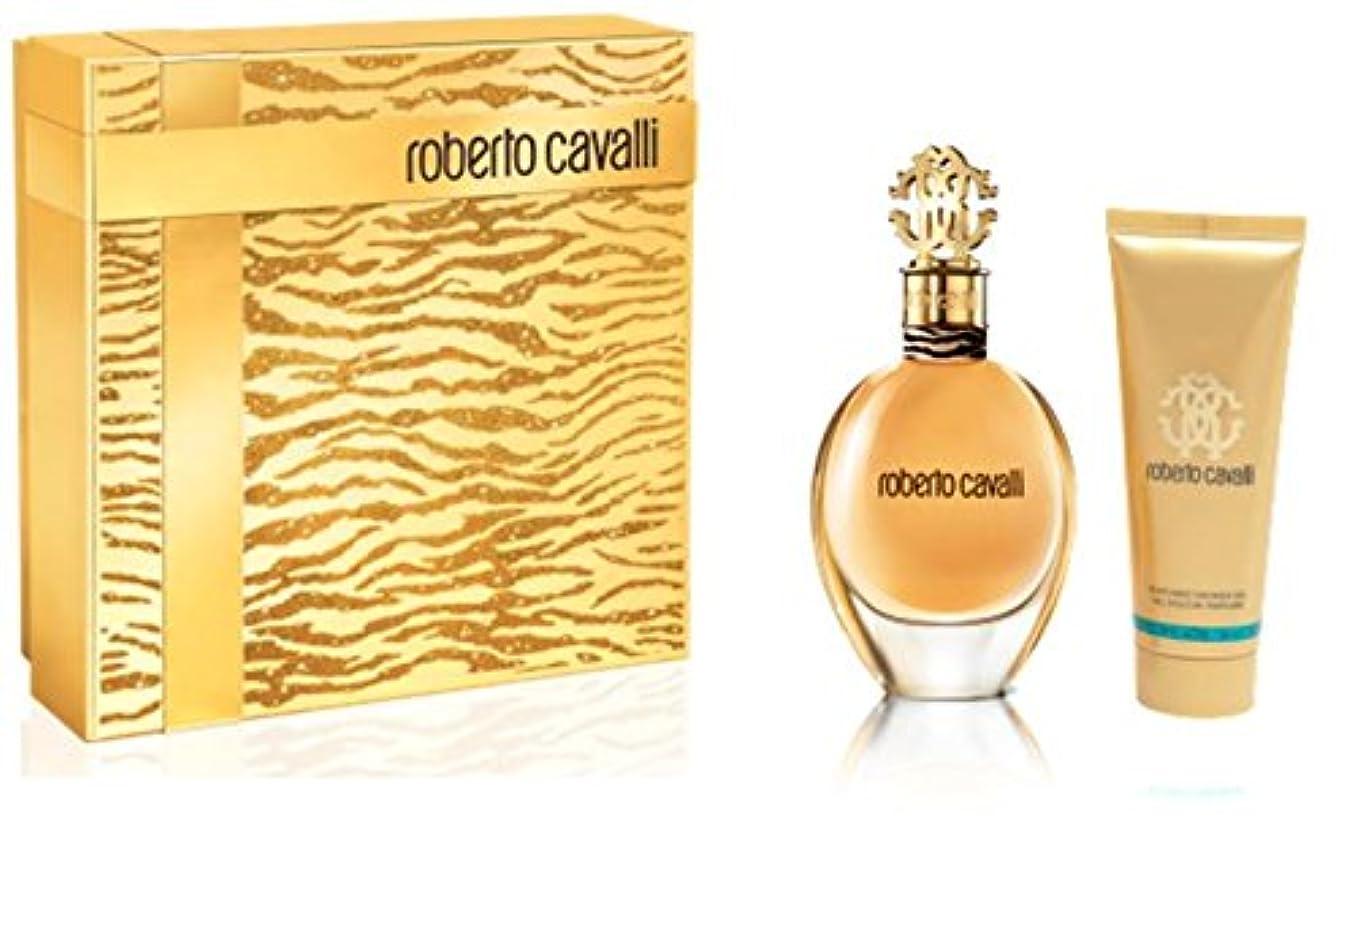 面倒恥ずかしいゴミ箱ロベルトカヴァリ Roberto Cavalli (New) Coffret: Eau De Parfum Spray 75ml + Body Lotion 75ml 2pcs [海外直送品]